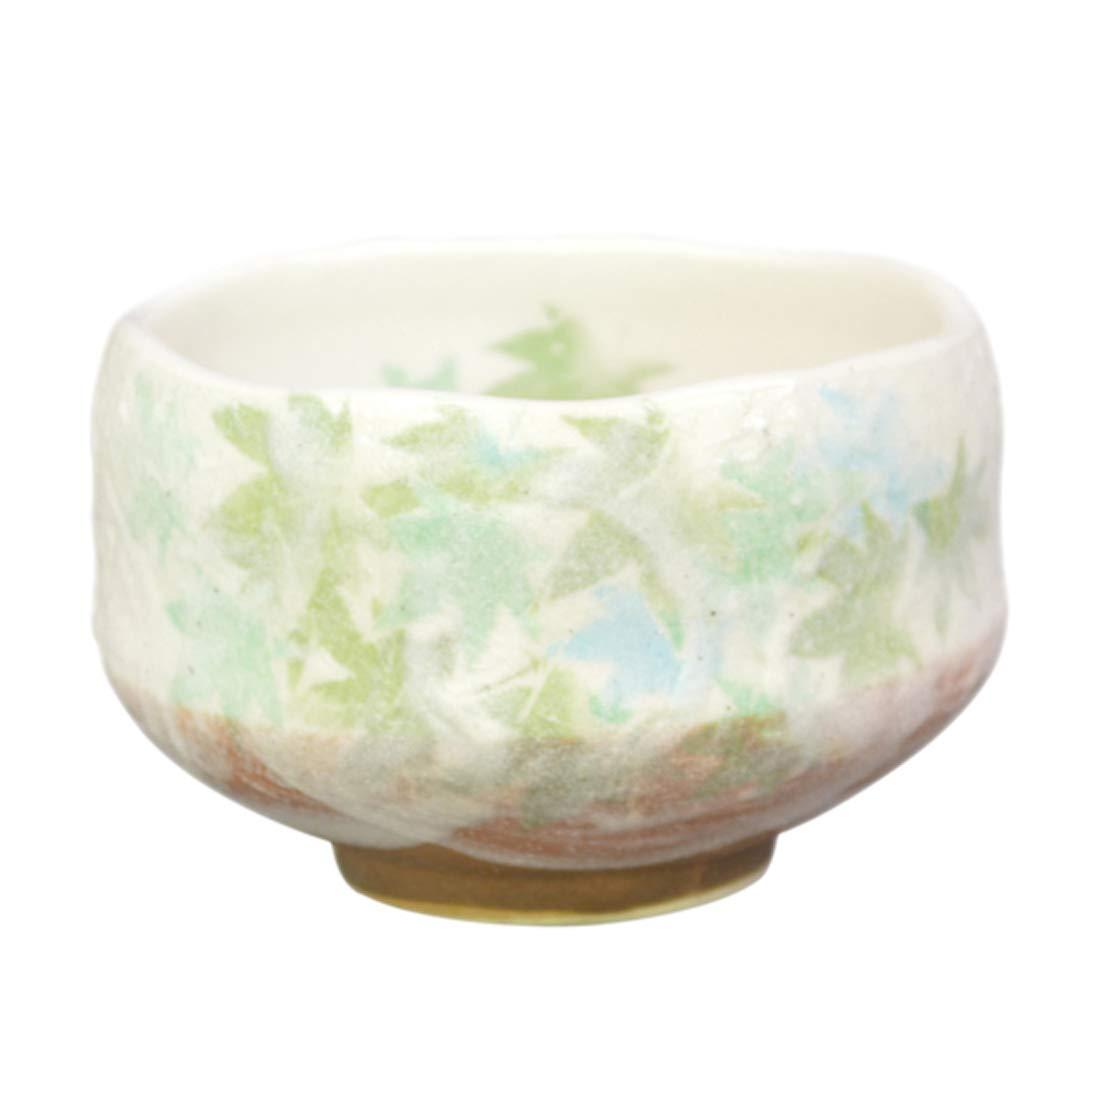 フェデレーションのヒープエトナ山豊窯(Yutakagama) 抹茶碗 黄緑 サイズ:直径9.6x高さ6cm 小茶碗 青楓